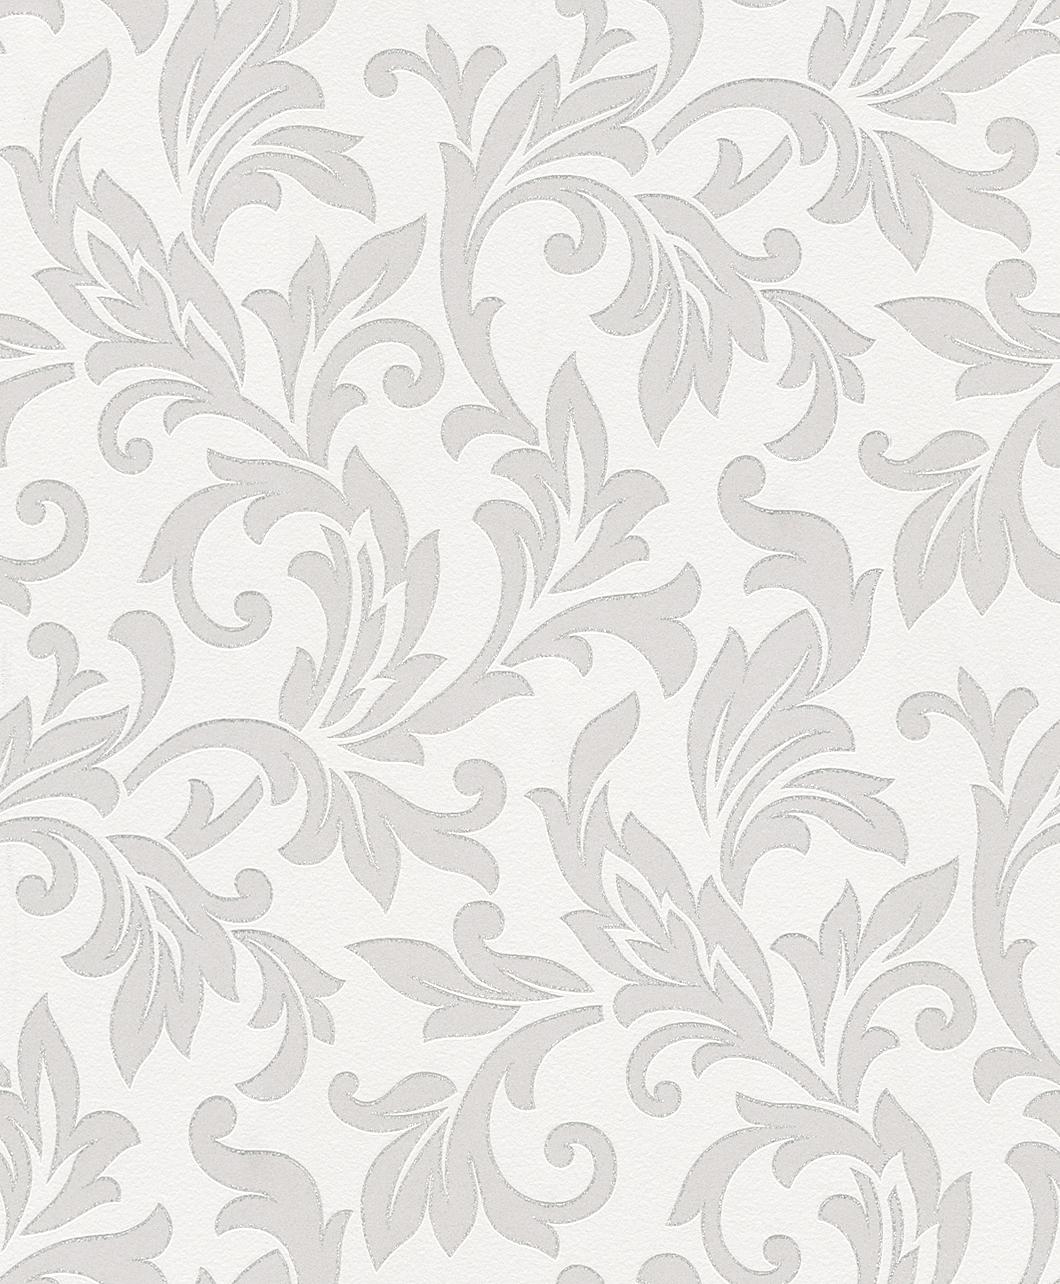 Tapeta na zeď Rasch Shiny Chic 309805 | 0,53 x 10,05 m (Vinylová tapeta - bílá, stříbrná)